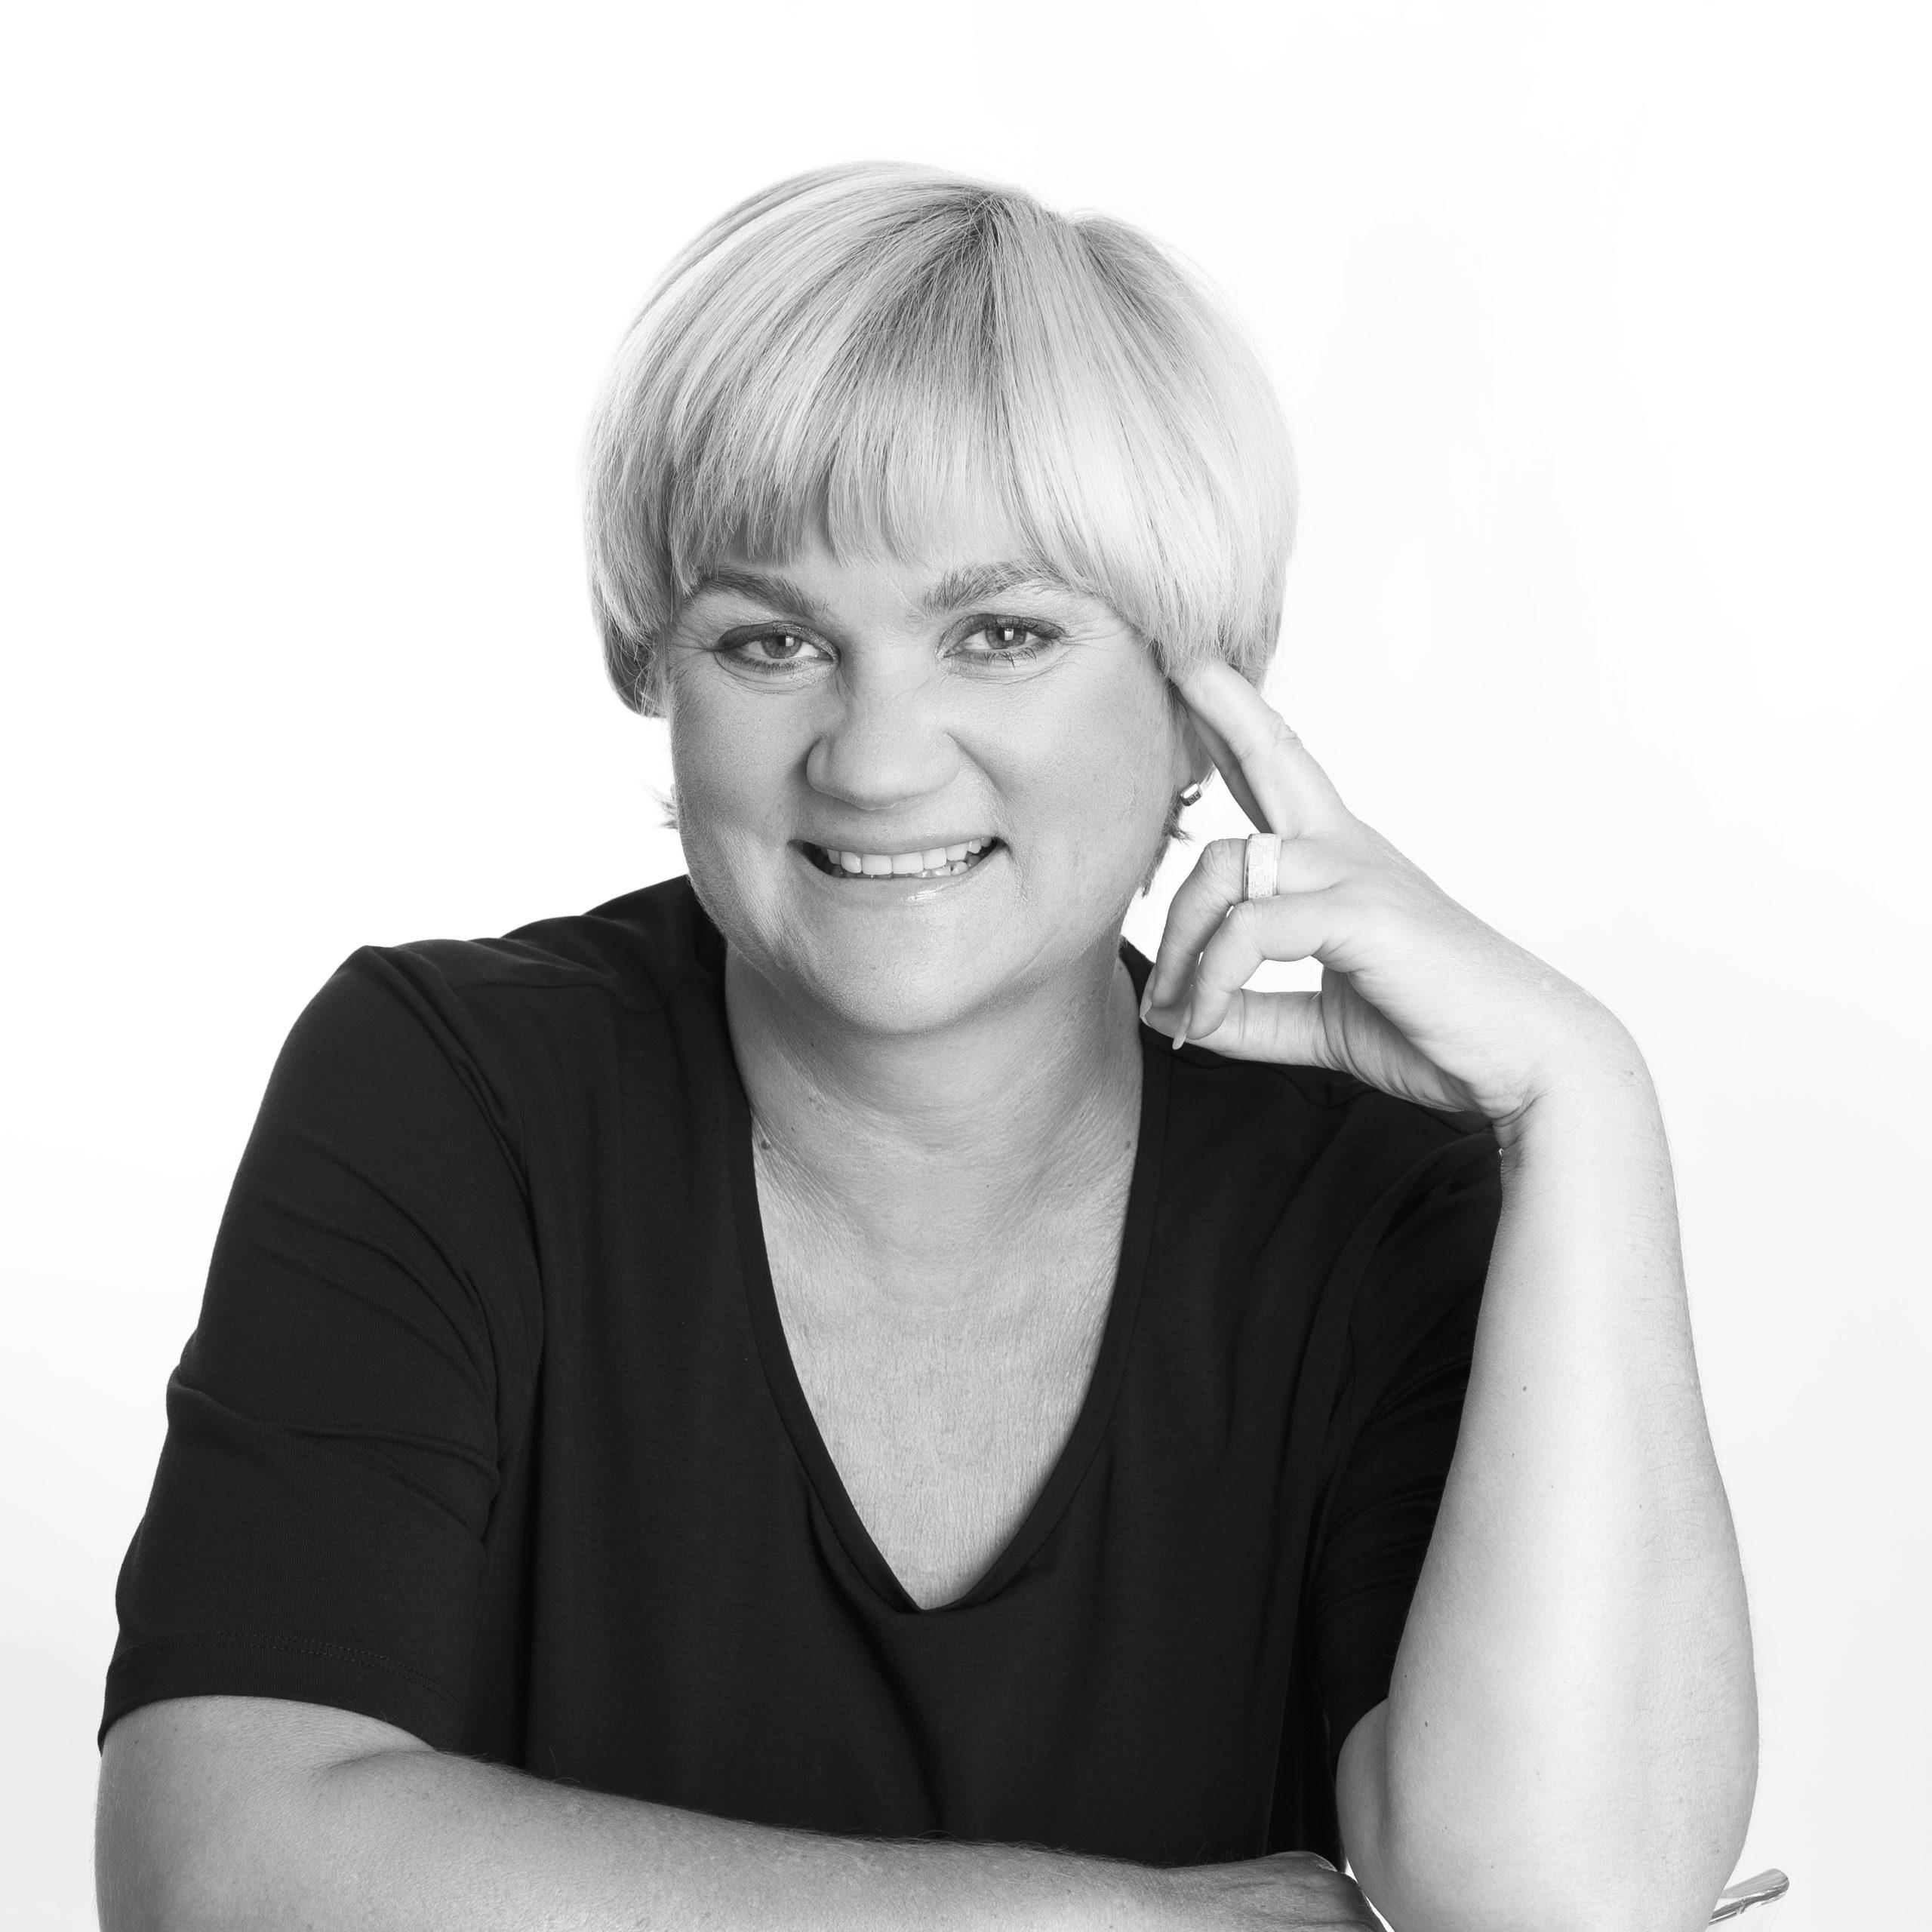 Dein LinkedIn Profil: Unternehmer Special Absprung | IMG 1987a sw Auss scaled